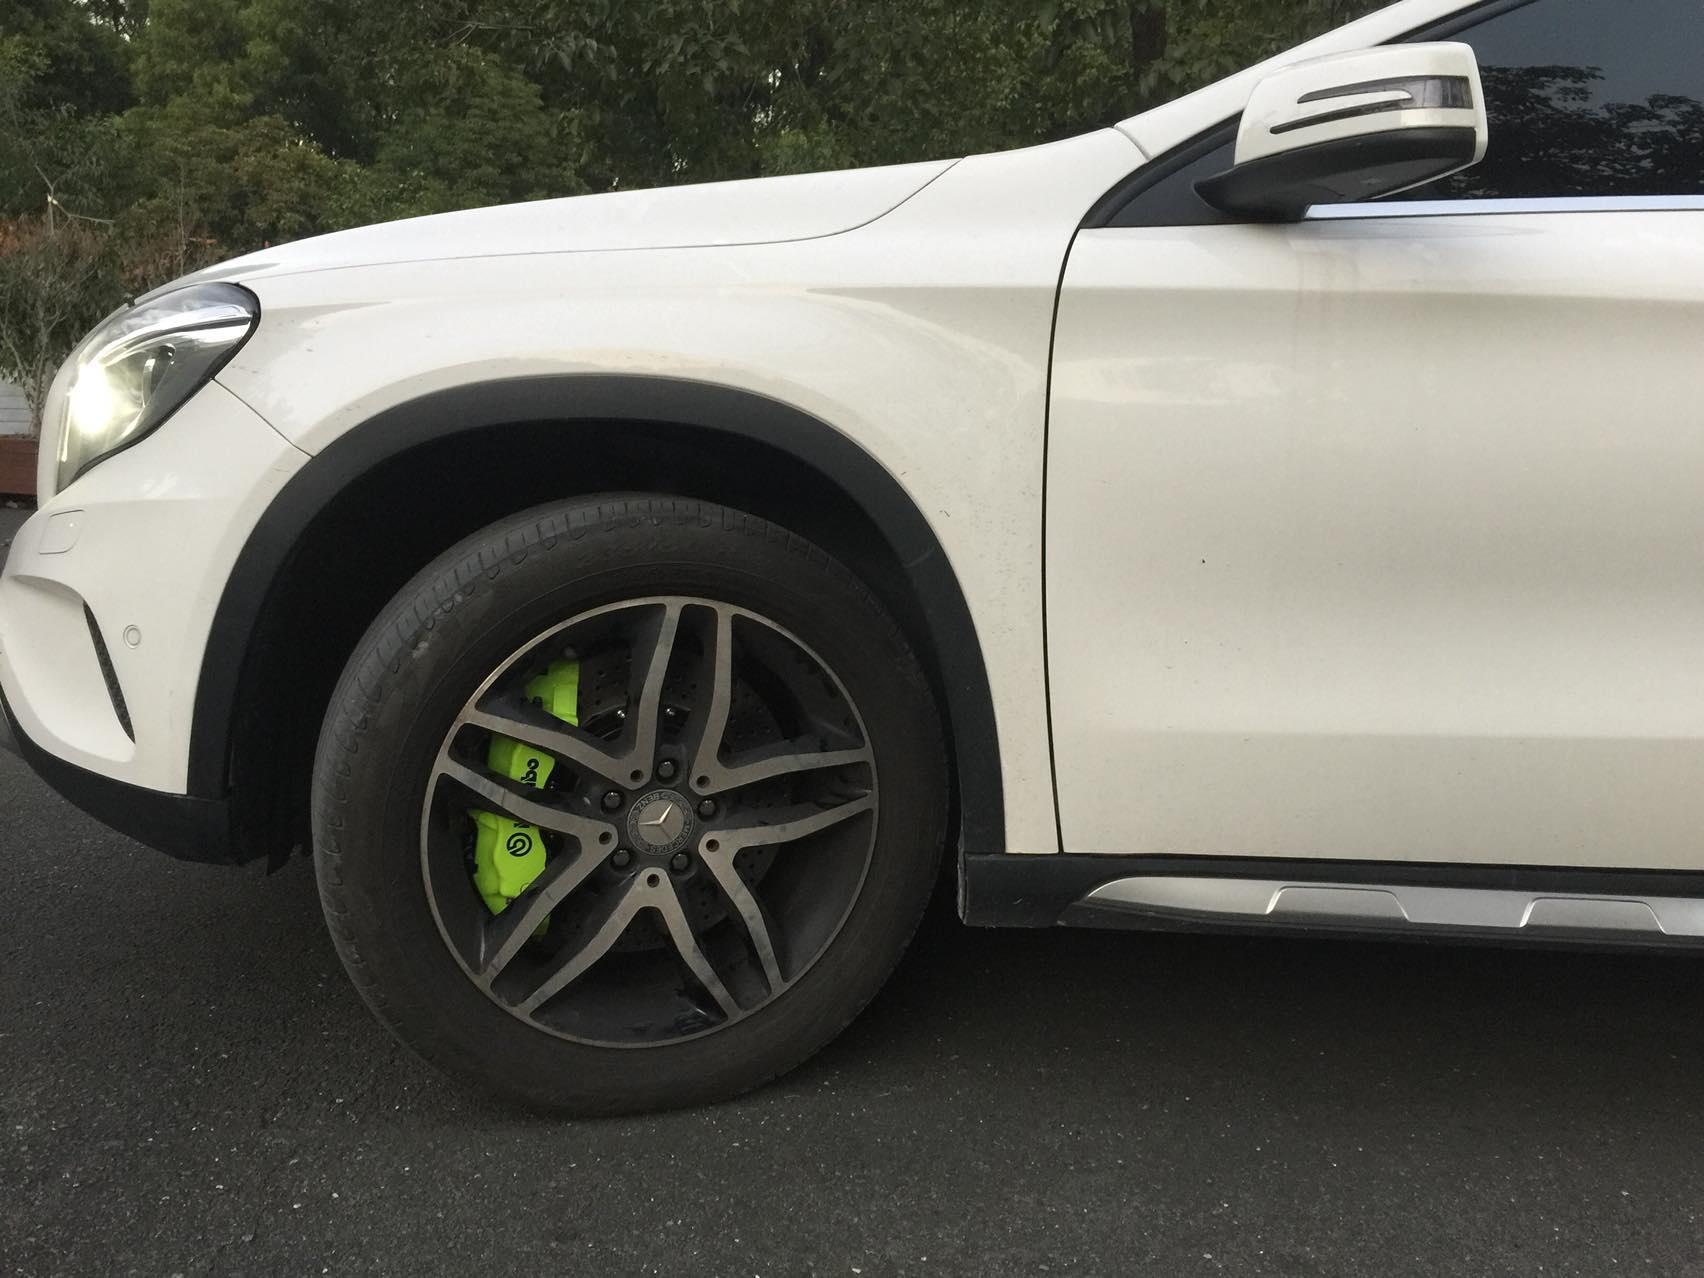 奔驰GLA原厂18寸轮毂升级Brembo 18Z六活塞刹车套件完工、